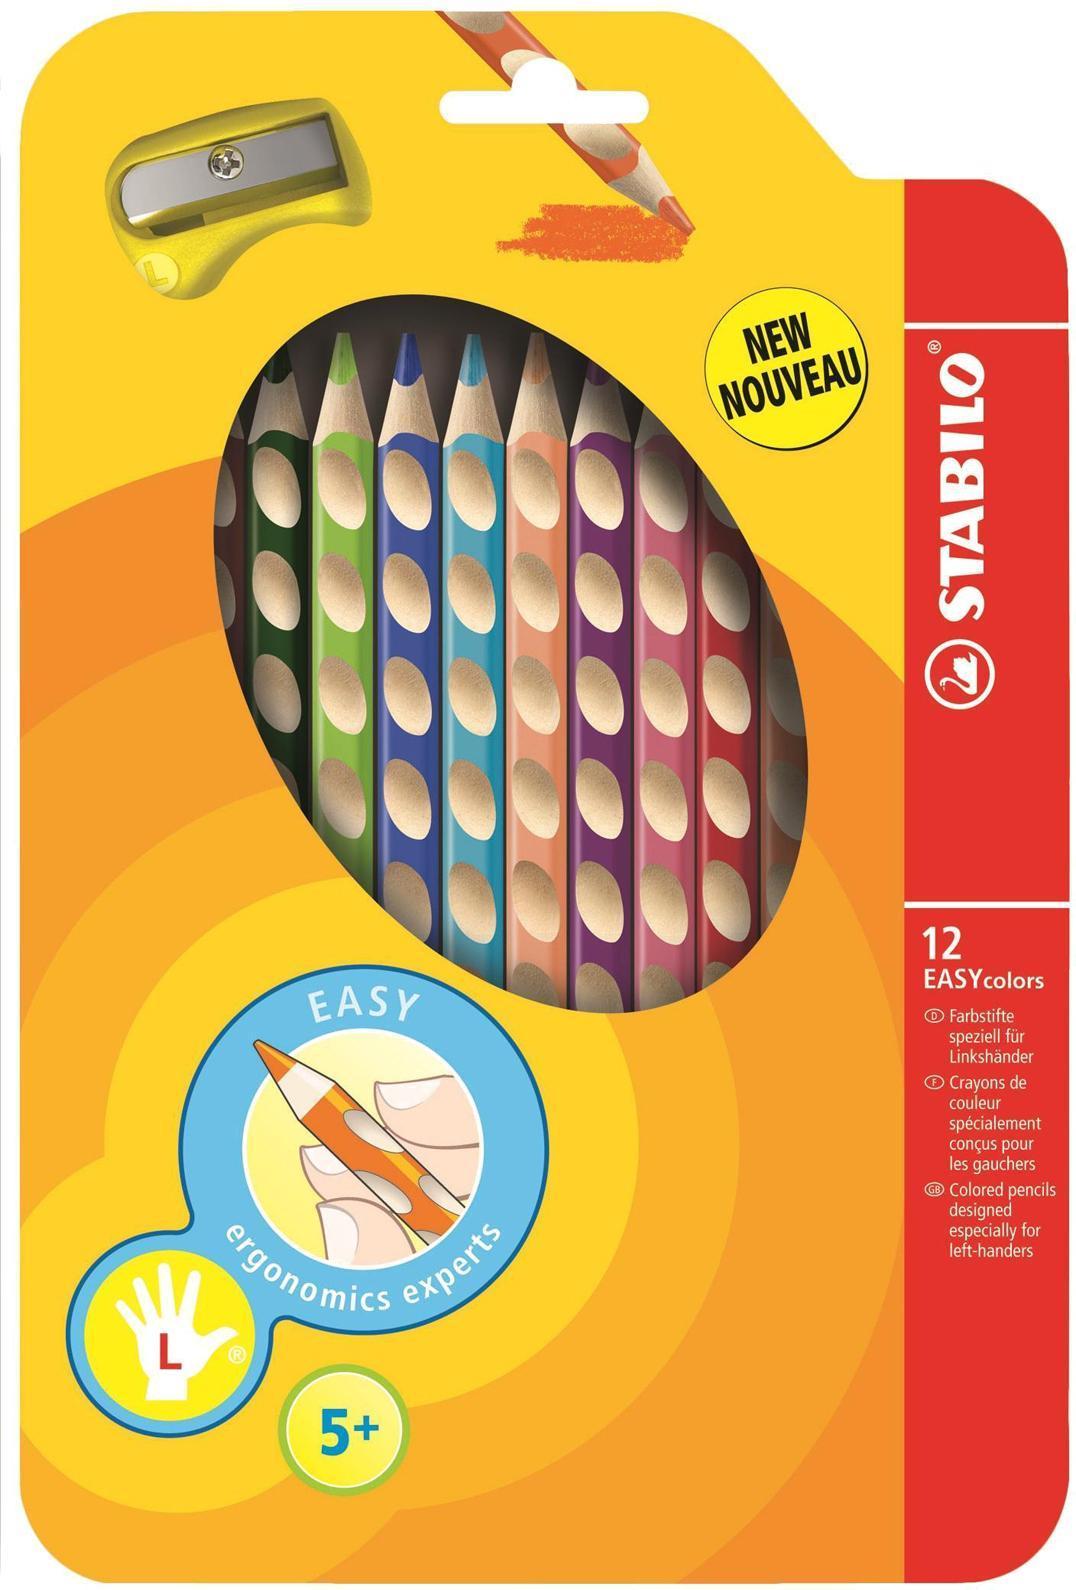 """Набор цветных карандашей """"Stabilo Easycolors"""" предназначен для левшей. Корпус карандашей разработан с учетом особенностей строения руки ребенка. Специальные углубления на корпусе карандаша подсказывают ребенку, как располагать большой и указательный пальцы, прививая первоначальный навык правильно держать пишущий инструмент. Расположение углублений по всей длине корпуса обеспечивает правильное удержание карандаша ребенком при письме и рисовании даже после заточки карандаша. Трехгранная форма карандаша соответствует естественному захвату руки, уменьшая мышечные усилия, необходимые для его удержания. Ребенок может рисовать длительное время без ощущения усталости. Утолщенная форма корпуса облегчает удержание карандашей детьми с недостаточно развитой мелкой моторикой руки. В набор входят карандаши 12 цветов и точилка."""